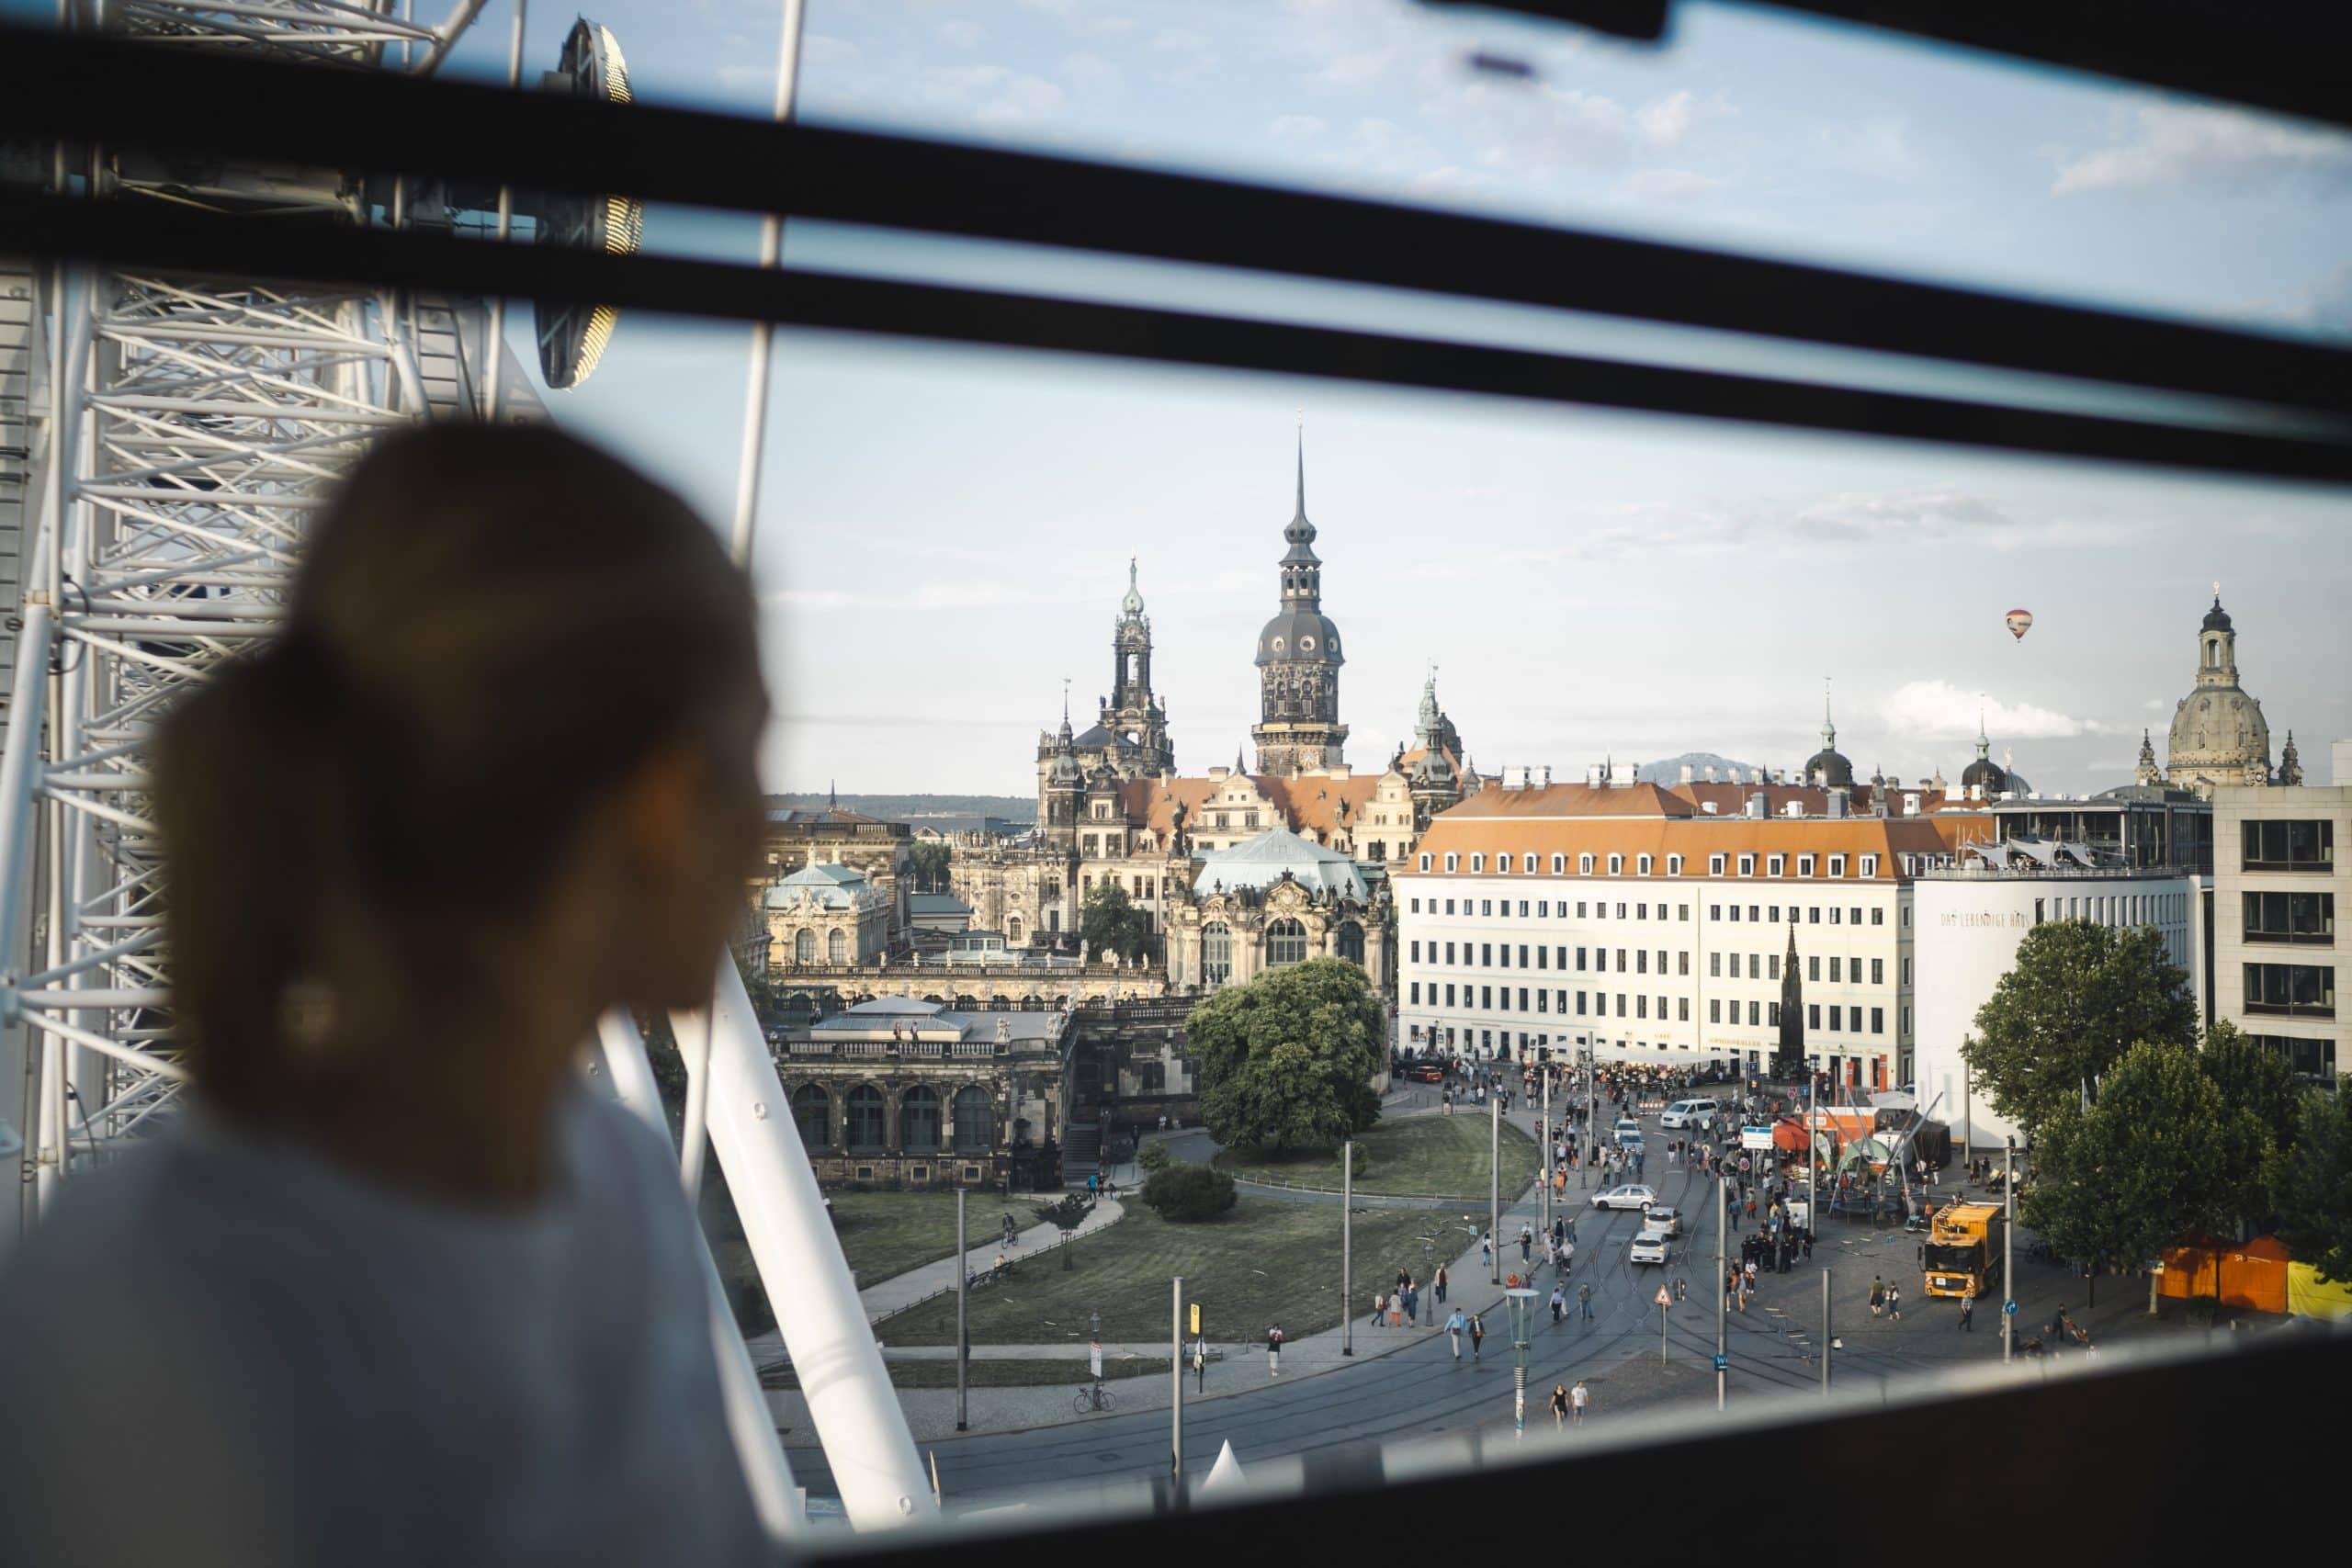 Fahrt mit Riesenrad Postplatz Dresden